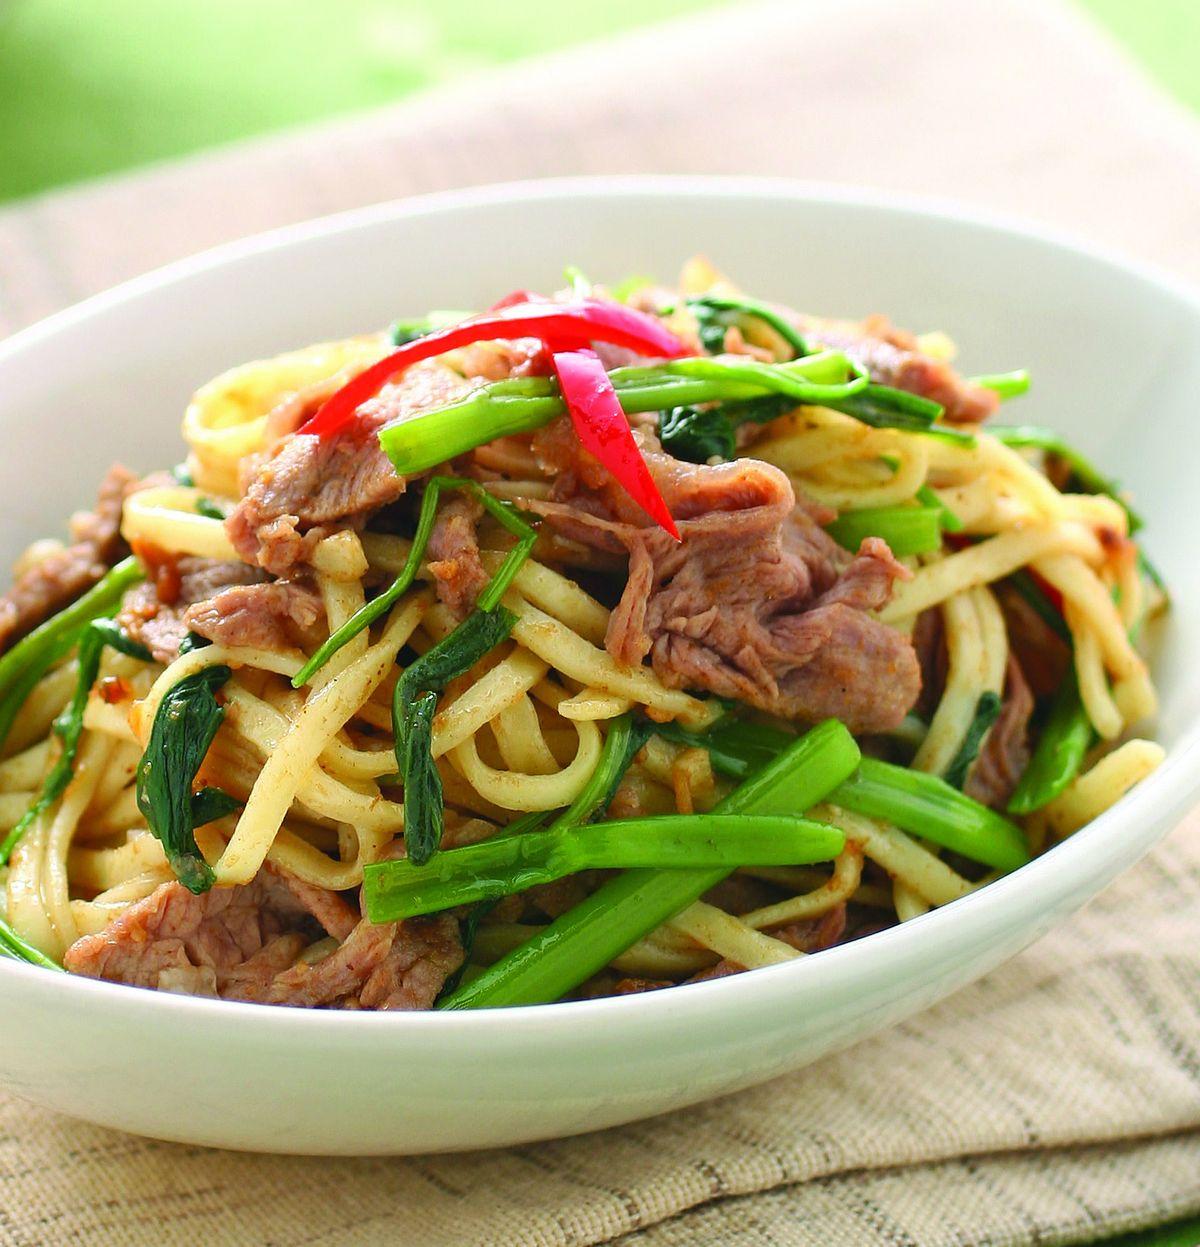 食譜:羊肉炒麵